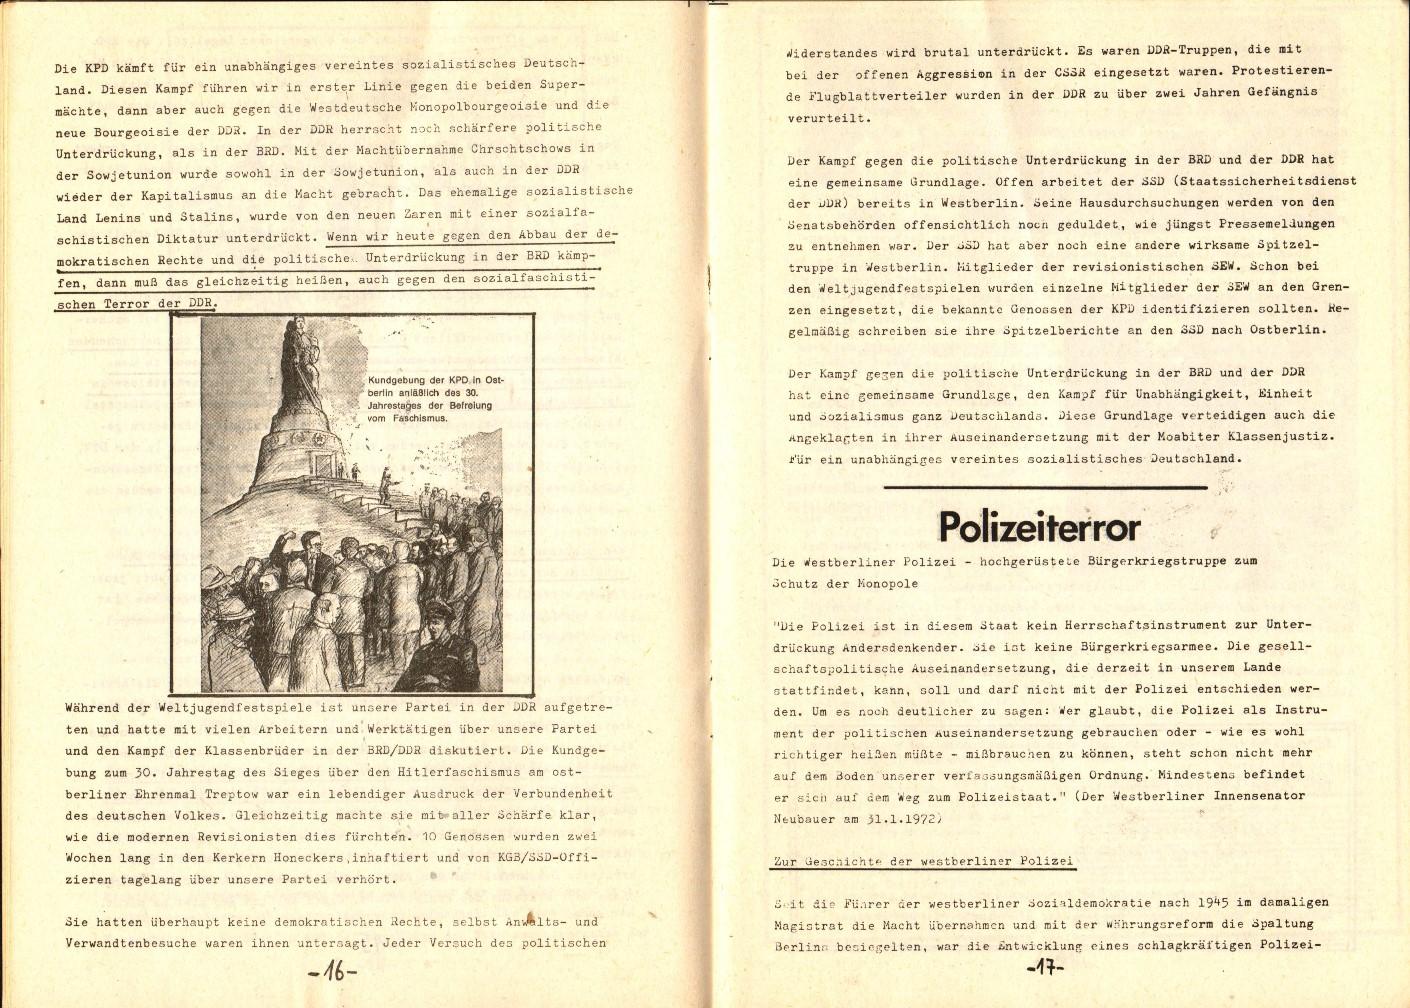 Berlin_KPD_1976_Staatsschutzprozess_10